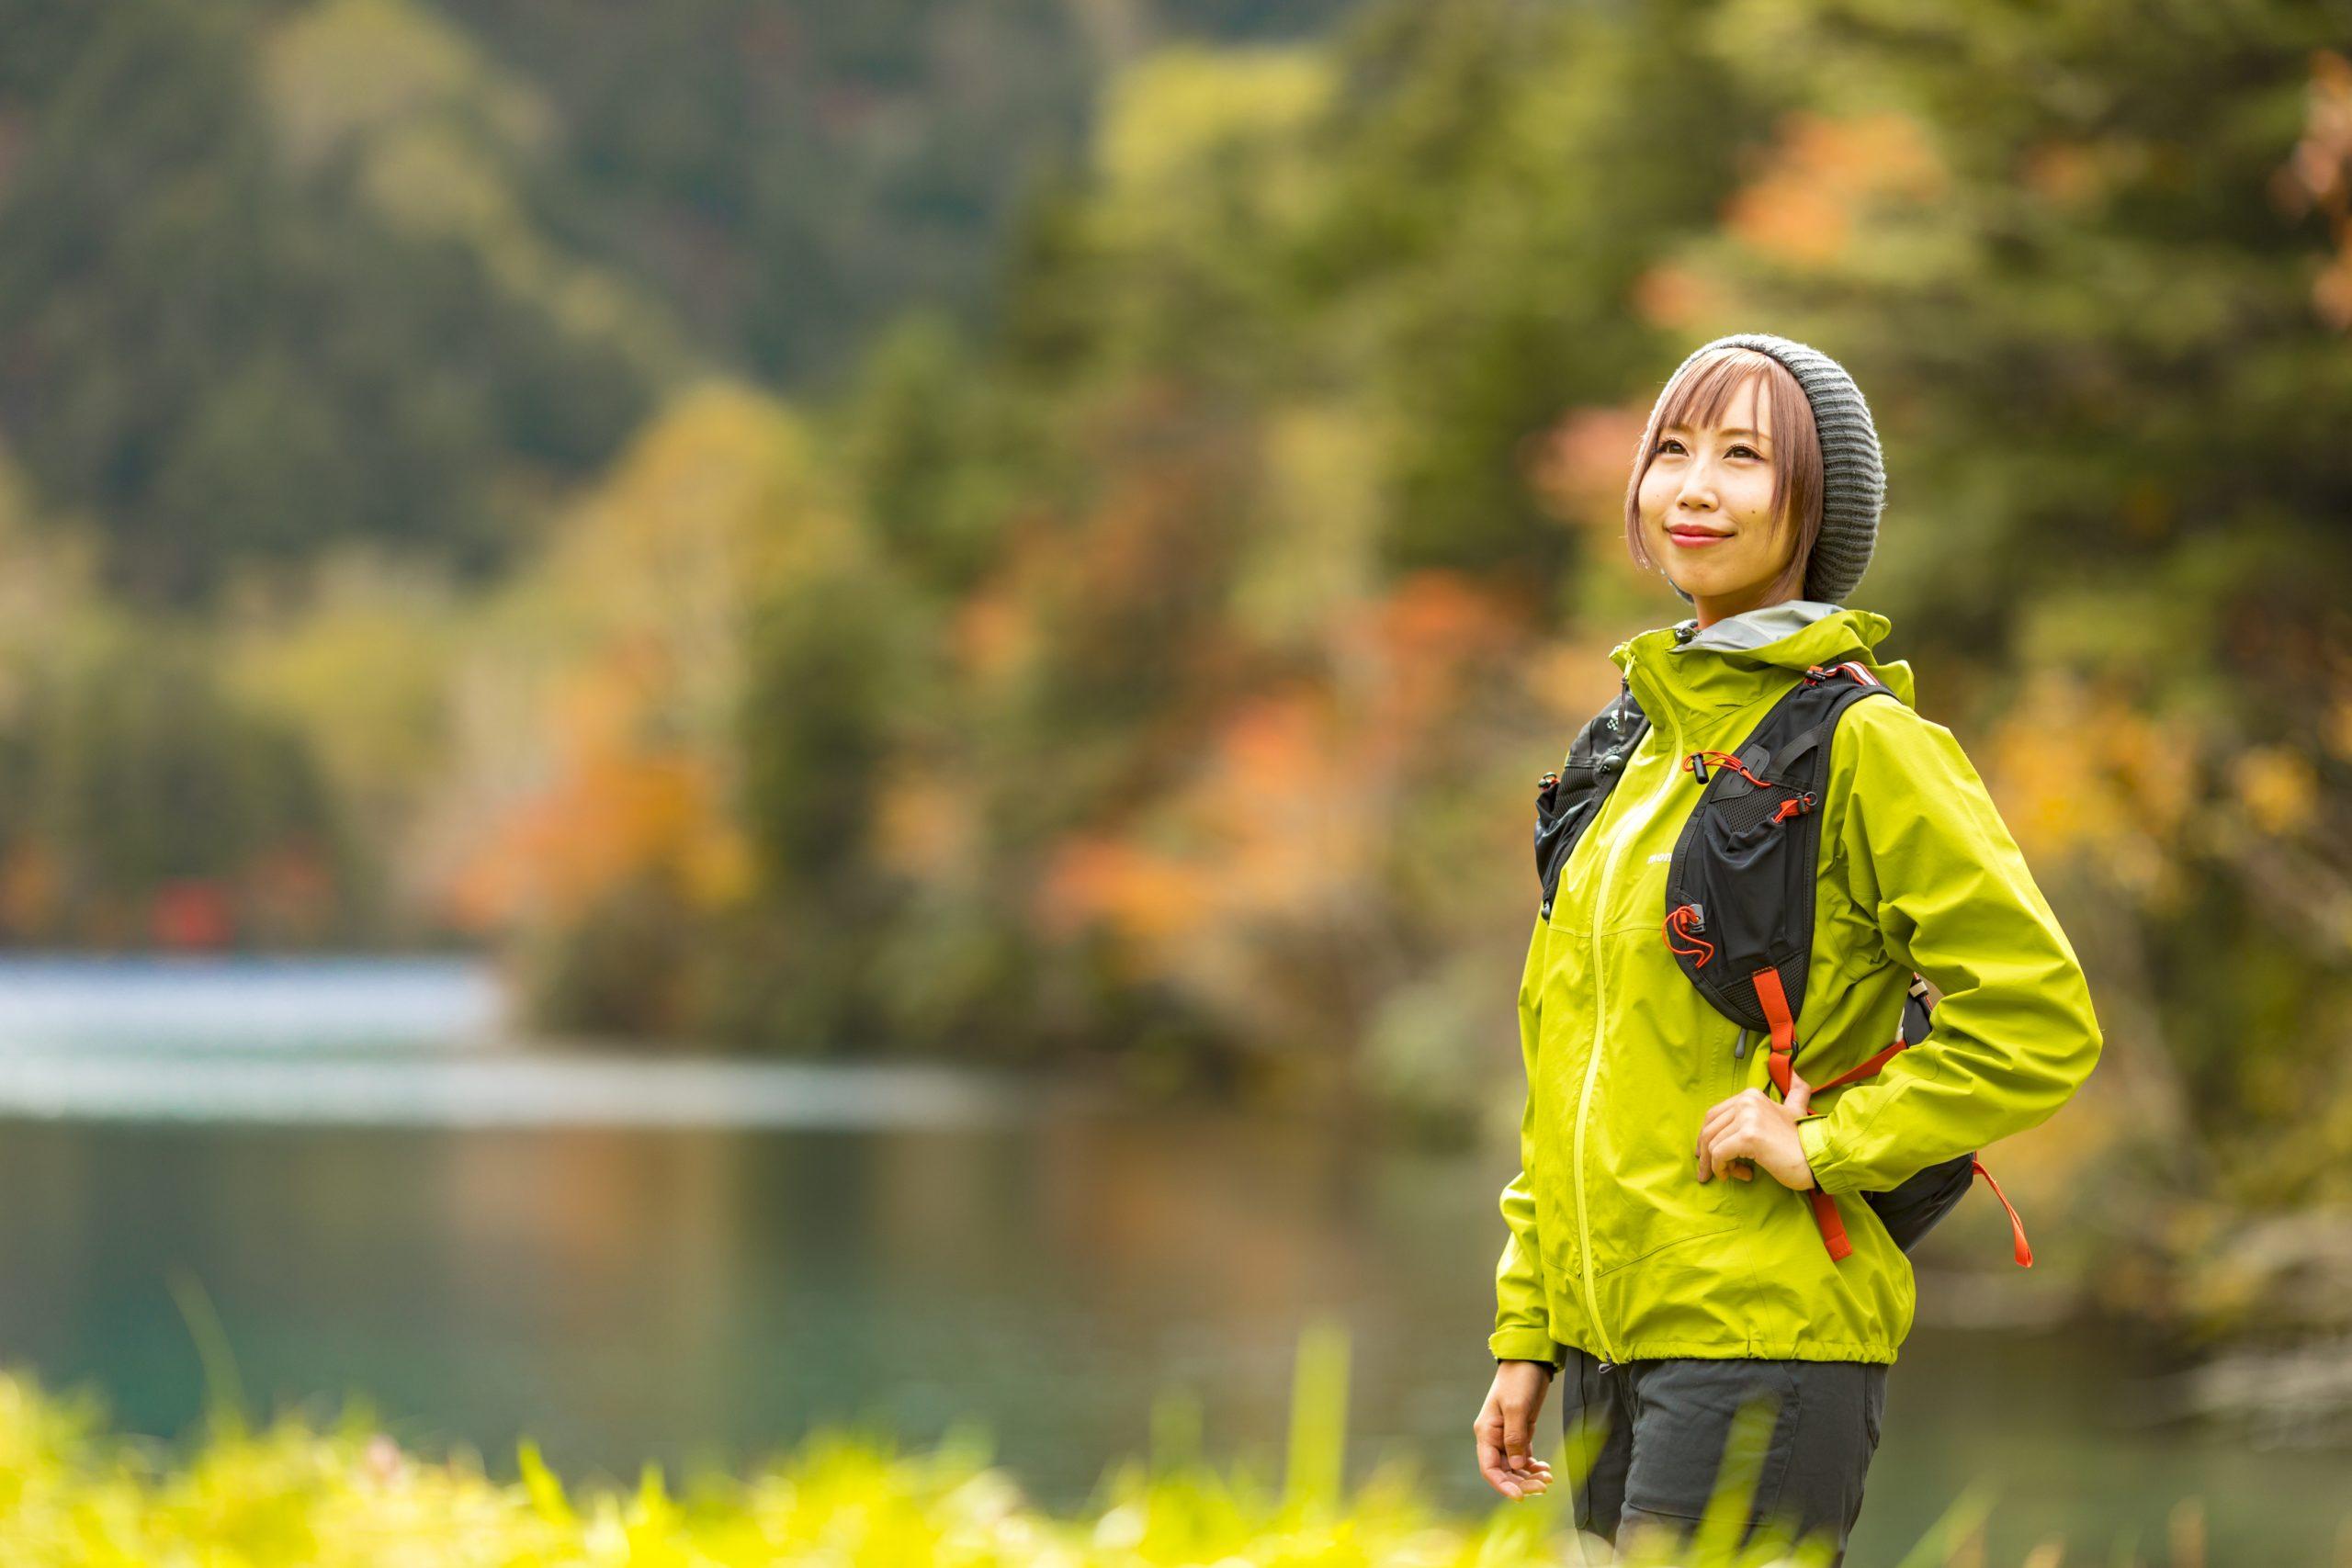 shiga-kogen-autumn-leaves-trail